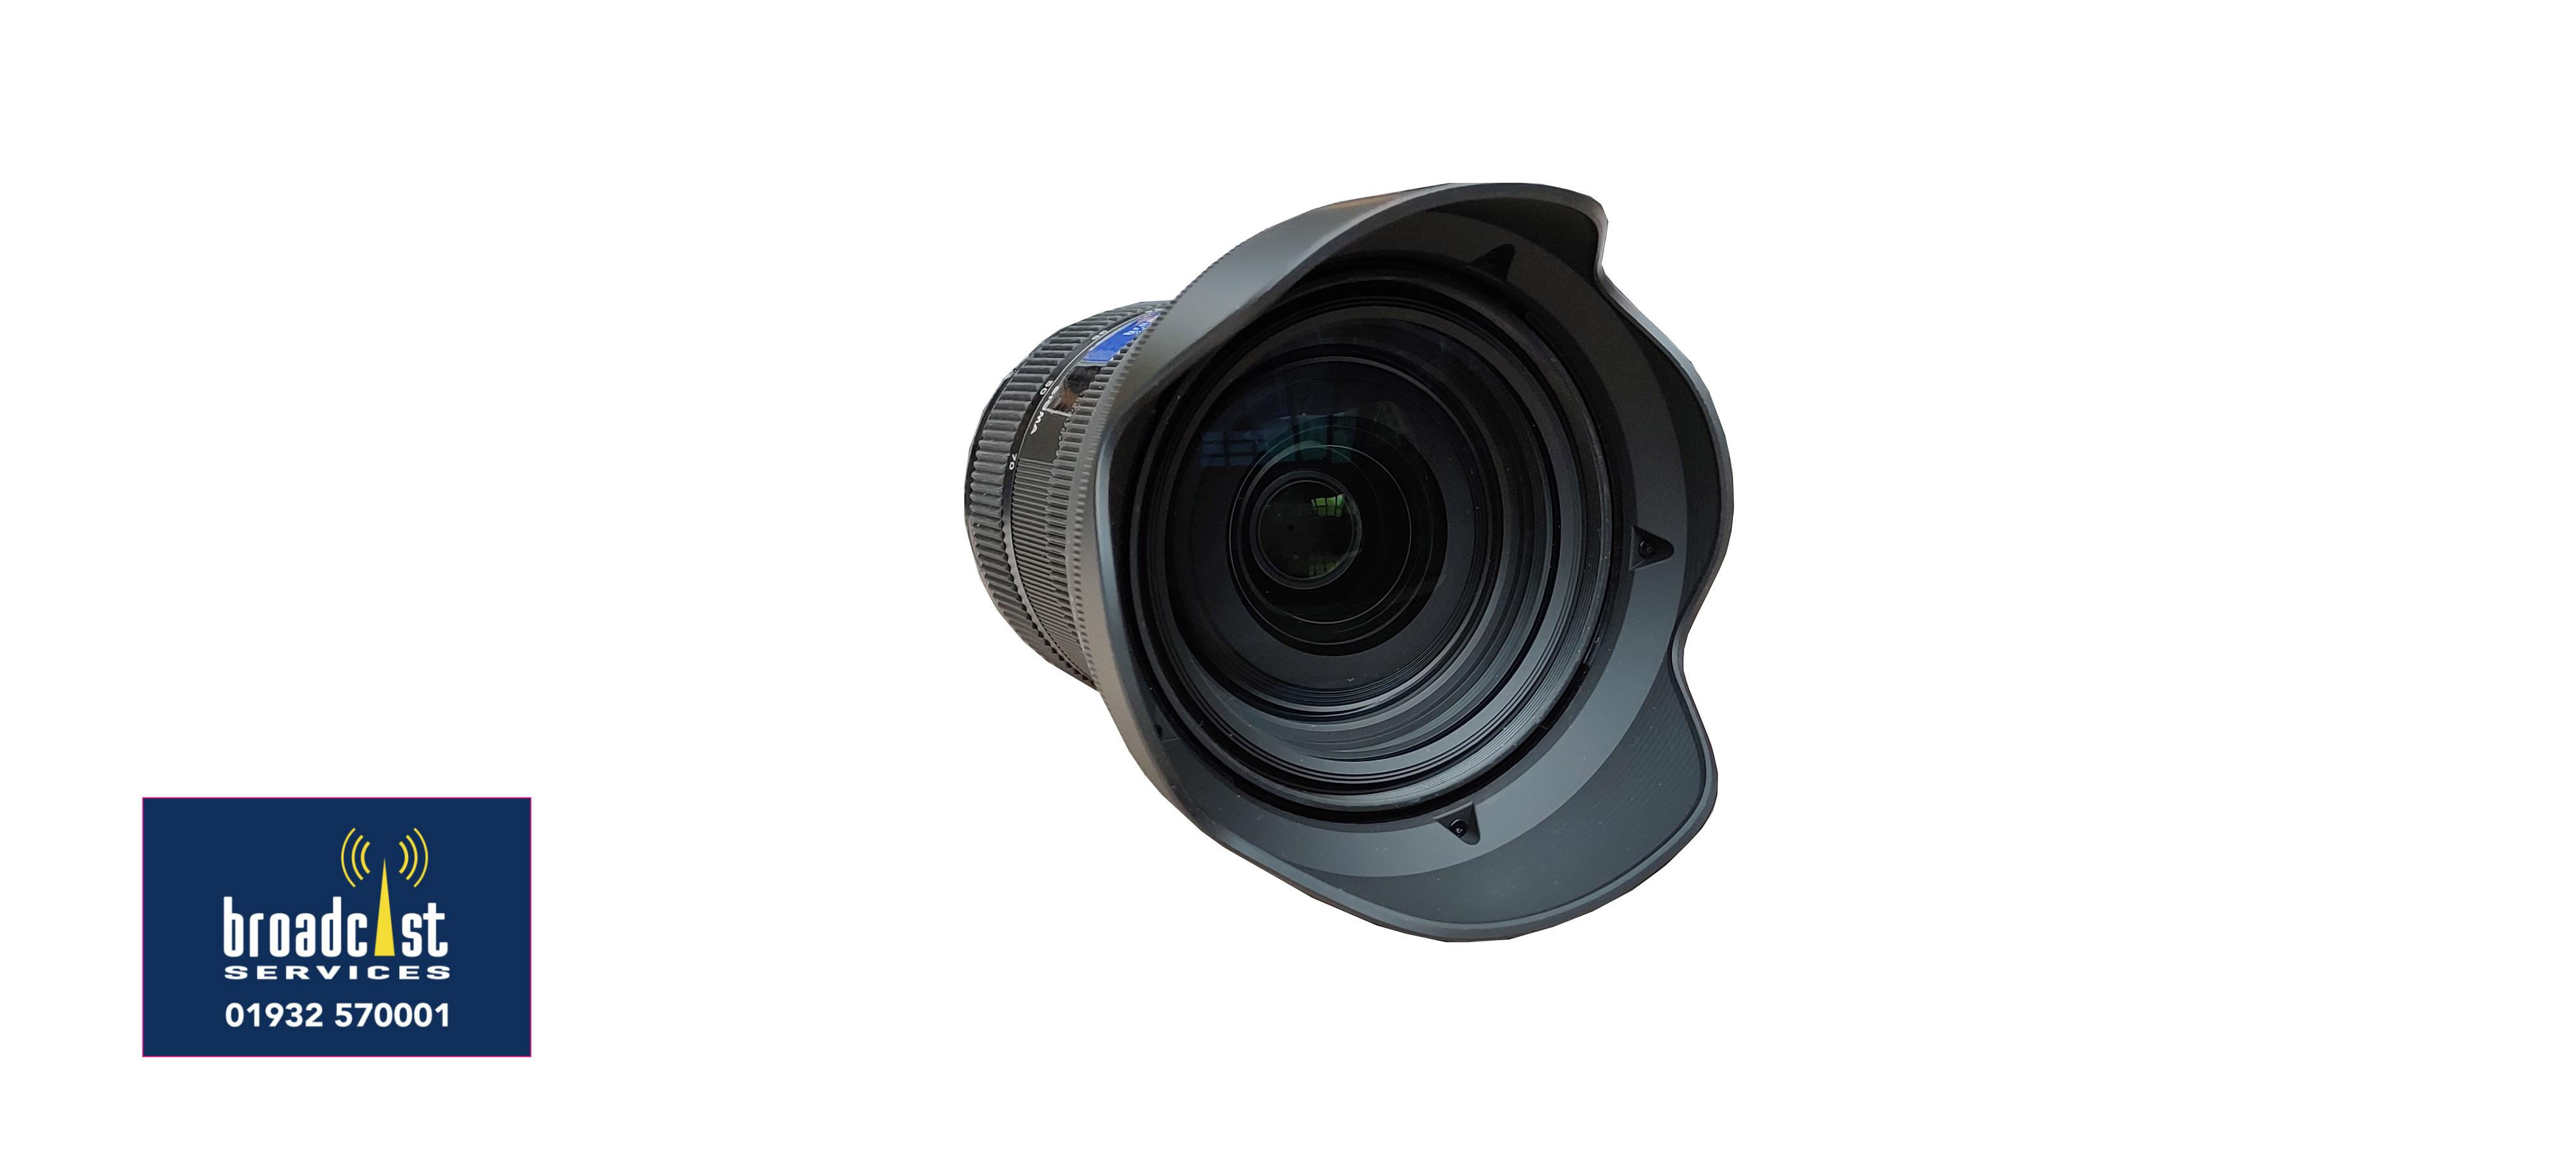 Sigma 24-70mm Full Frame Lens